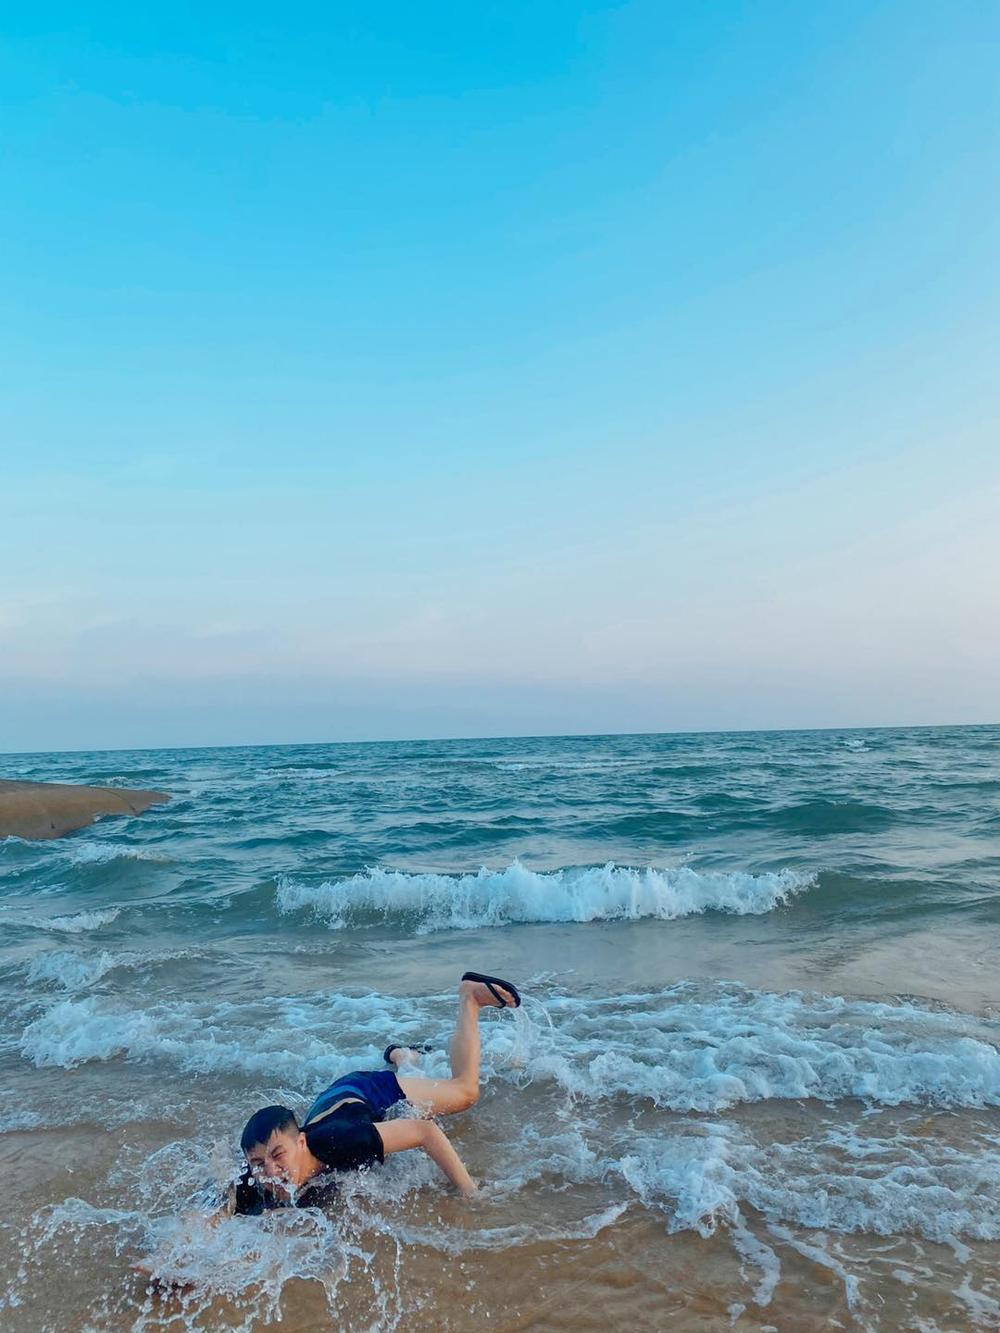 Bắt chước khoảnh khắc soái ca, Duy Khánh bất ngờ cho ra bộ sưu tập ảnh 'đuối nước' Ảnh 6